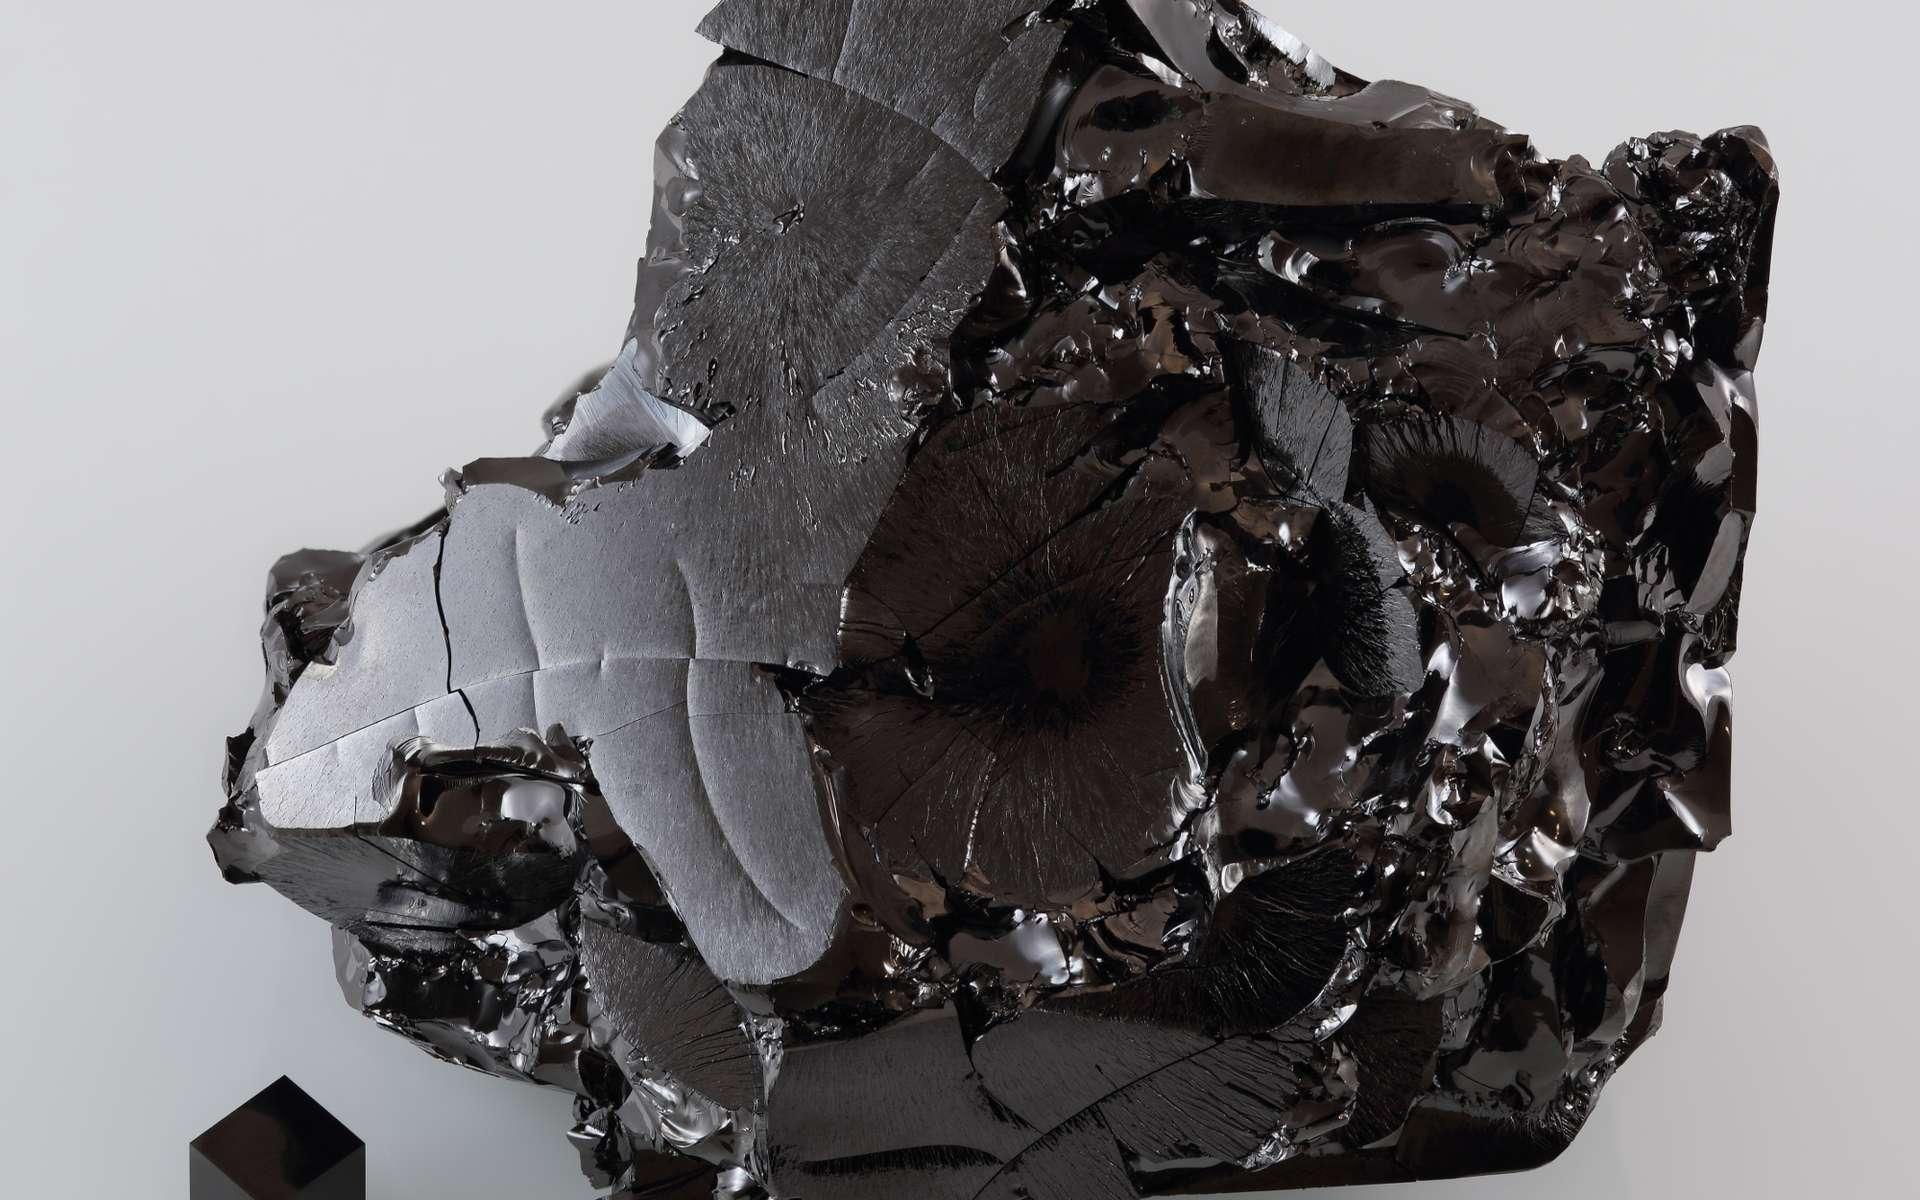 Comme le verre, le carbone vitreux est non cristallin. Il présente un important désordre structural. Ici, du carbone vitreux avec, en bas, à gauche, un cube de graphite. © Alchemist-hp, Wikipédia, CC by-nc-nd 3.0